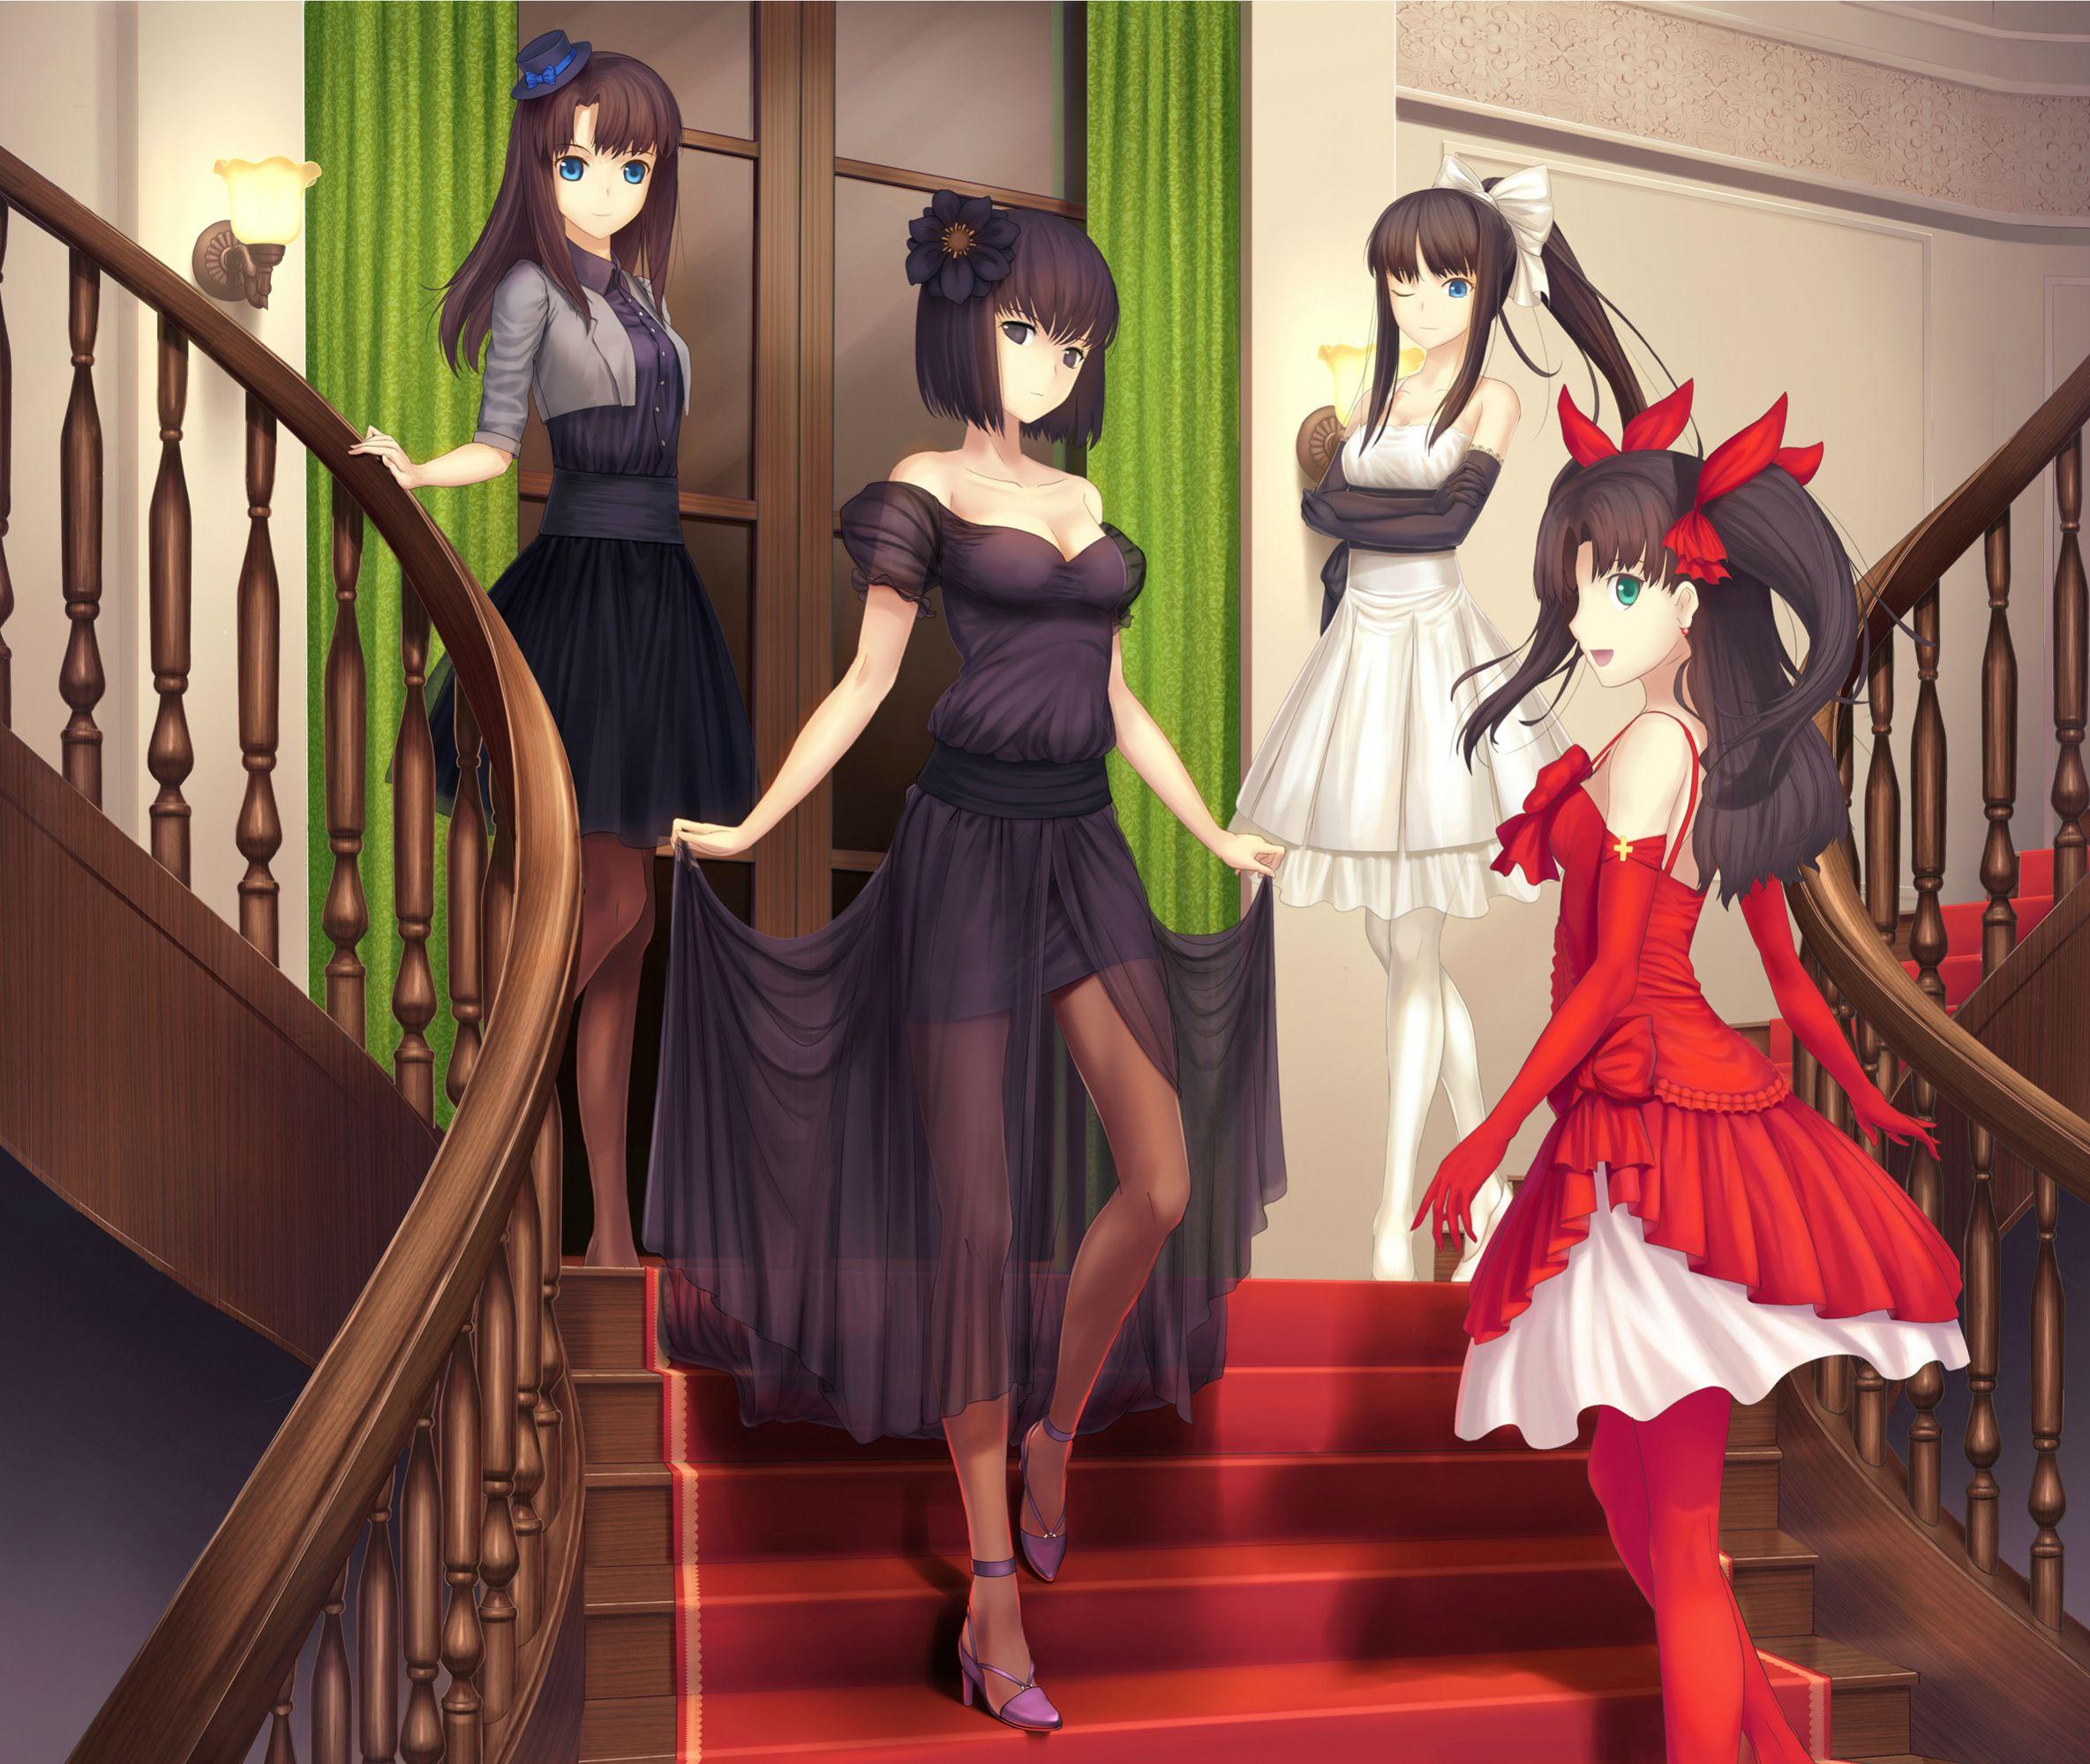 Image Result For Anime Girl Hot Wallpaper X